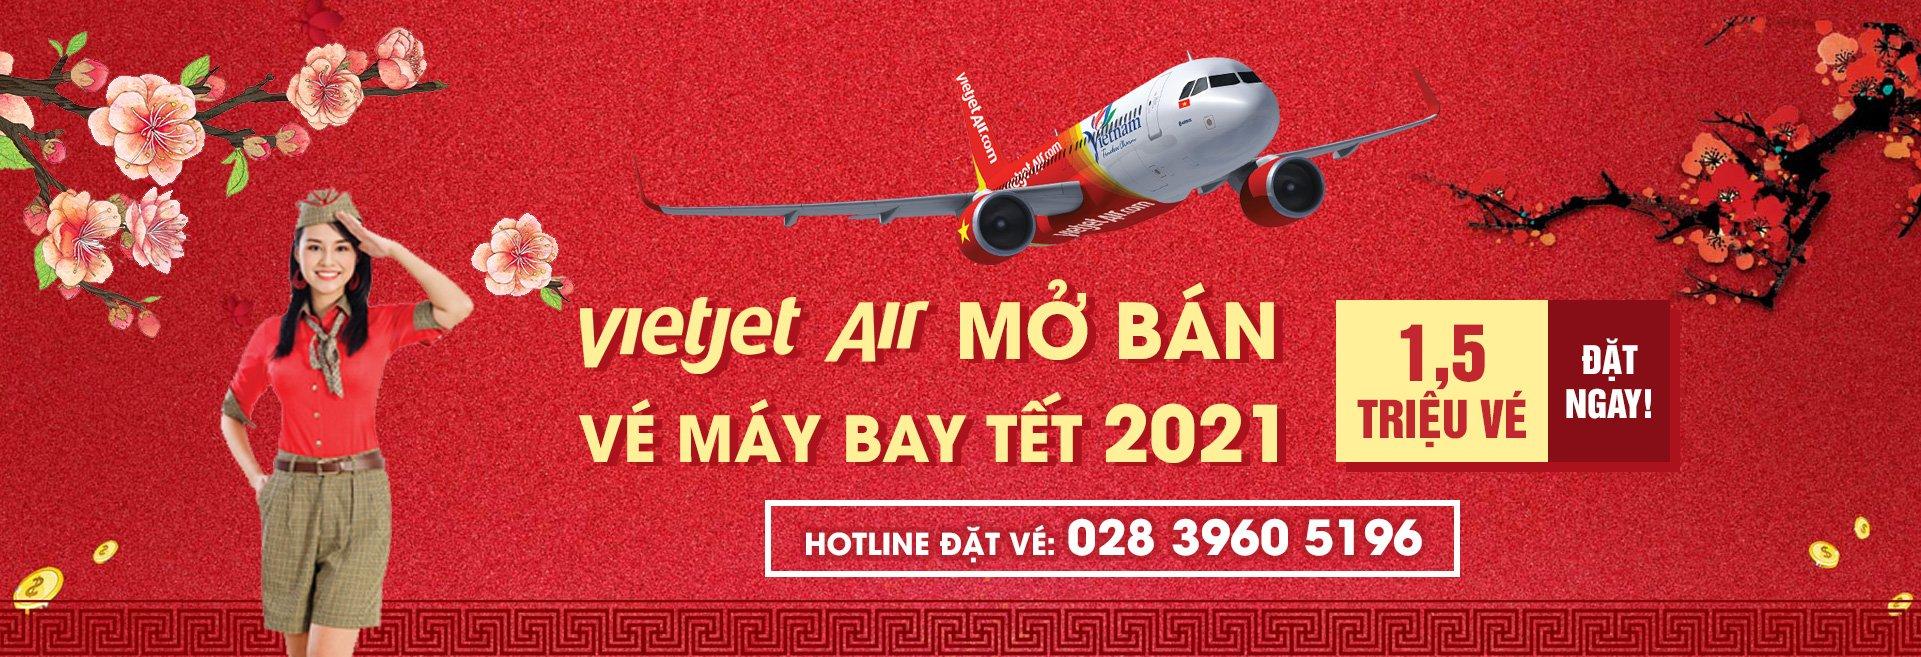 Thông báo mở bán vé máy bay VietJet Air Tết 2021